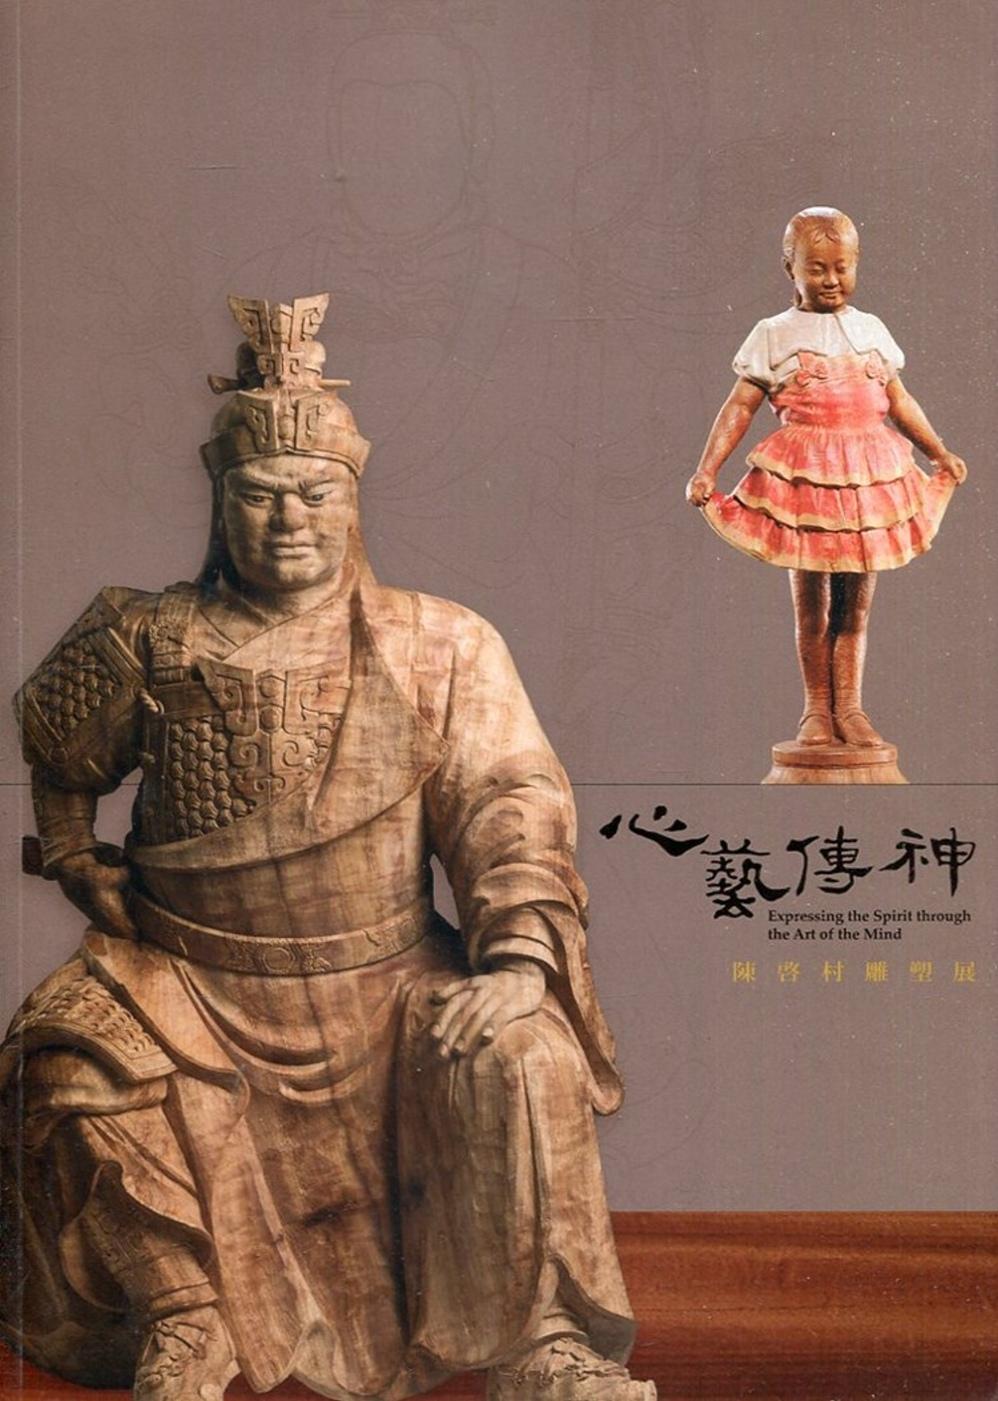 心藝傳神:陳啓村雕塑展